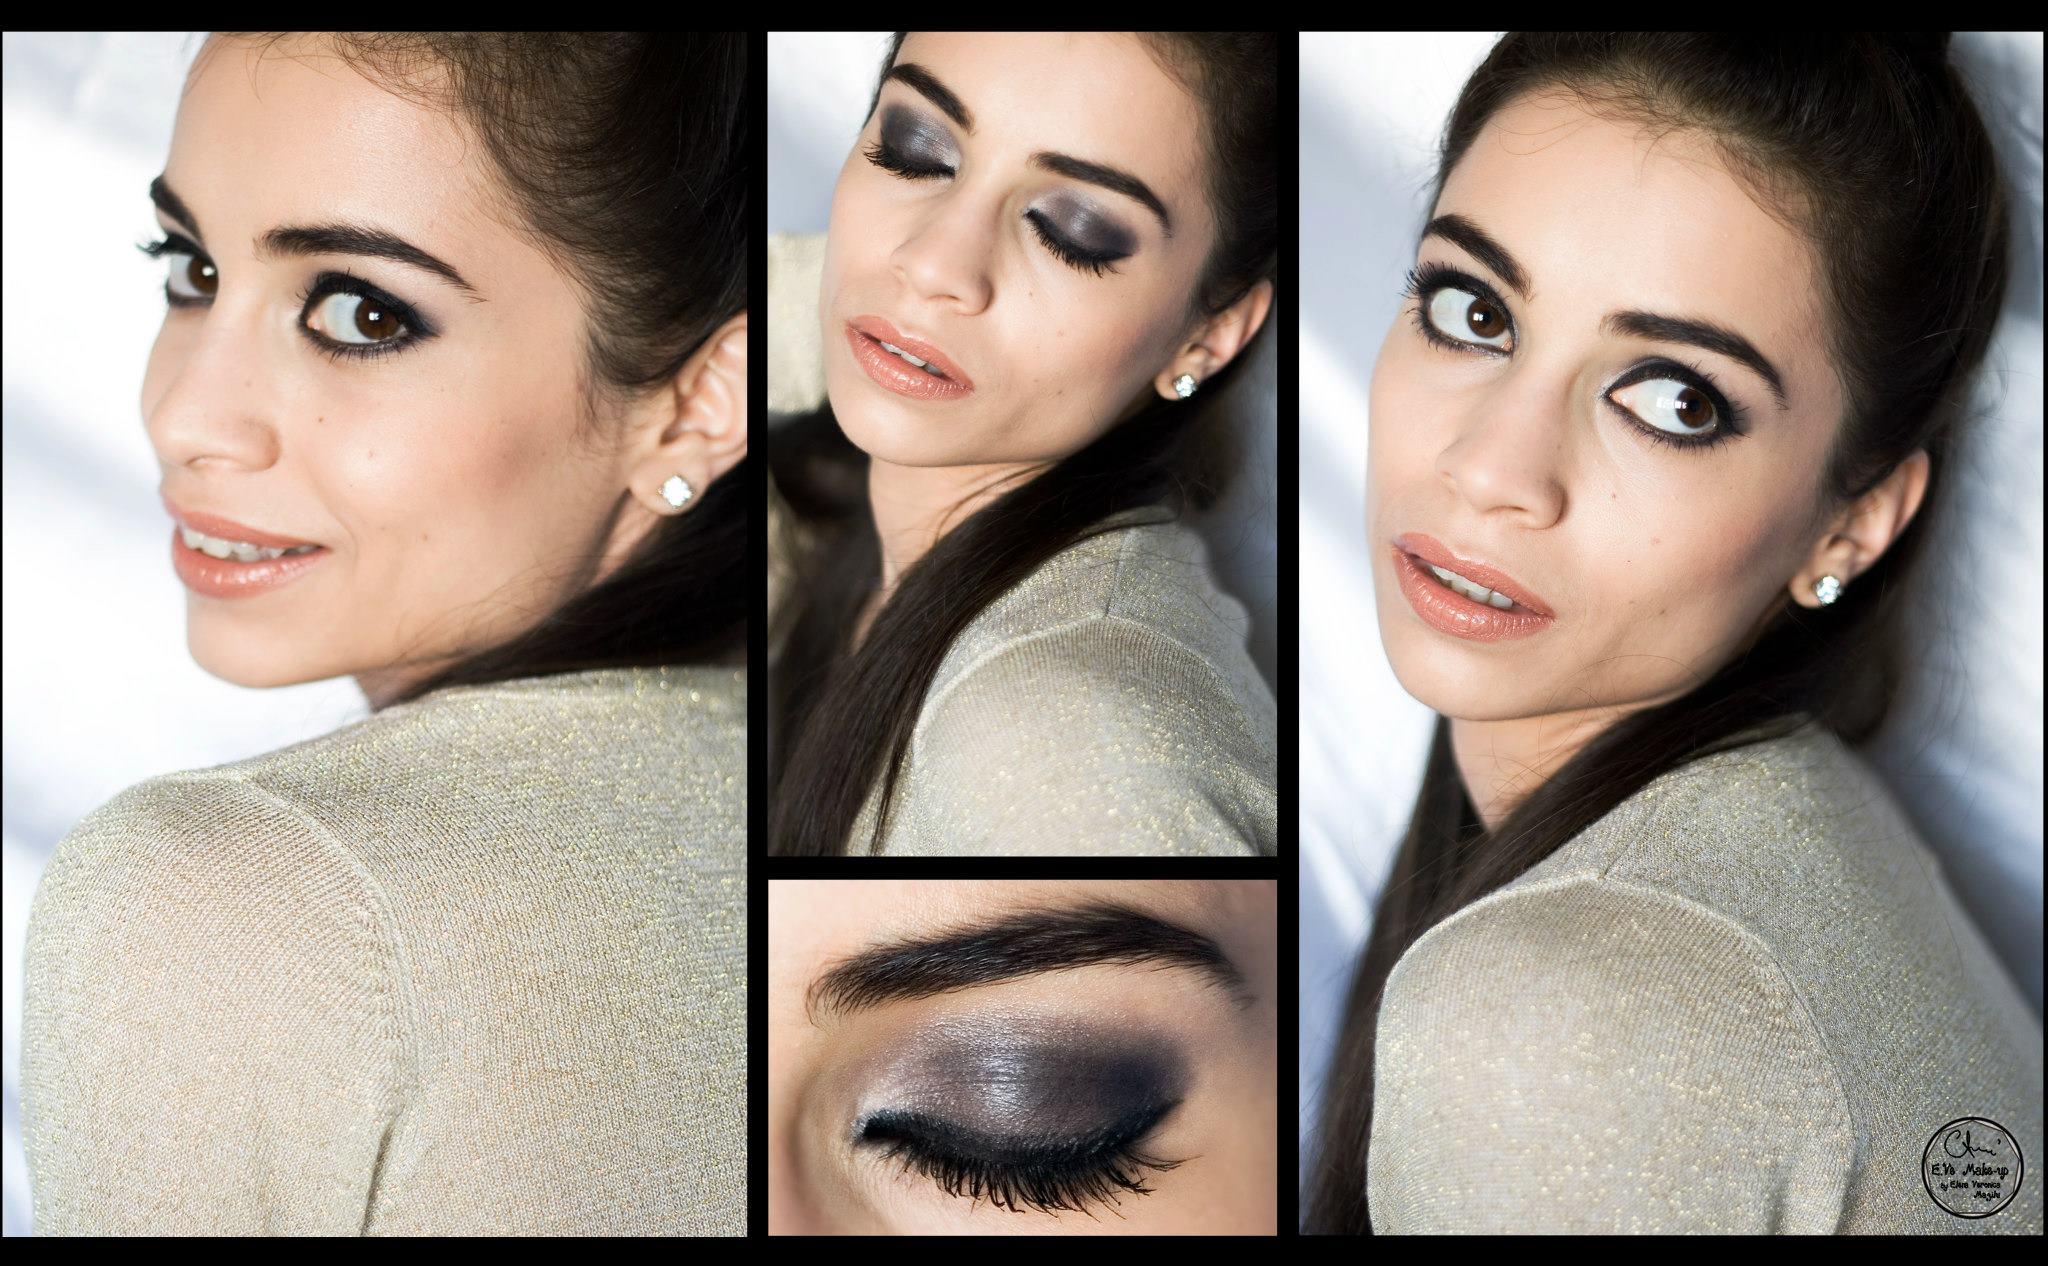 veronica  mazilu makeup artist